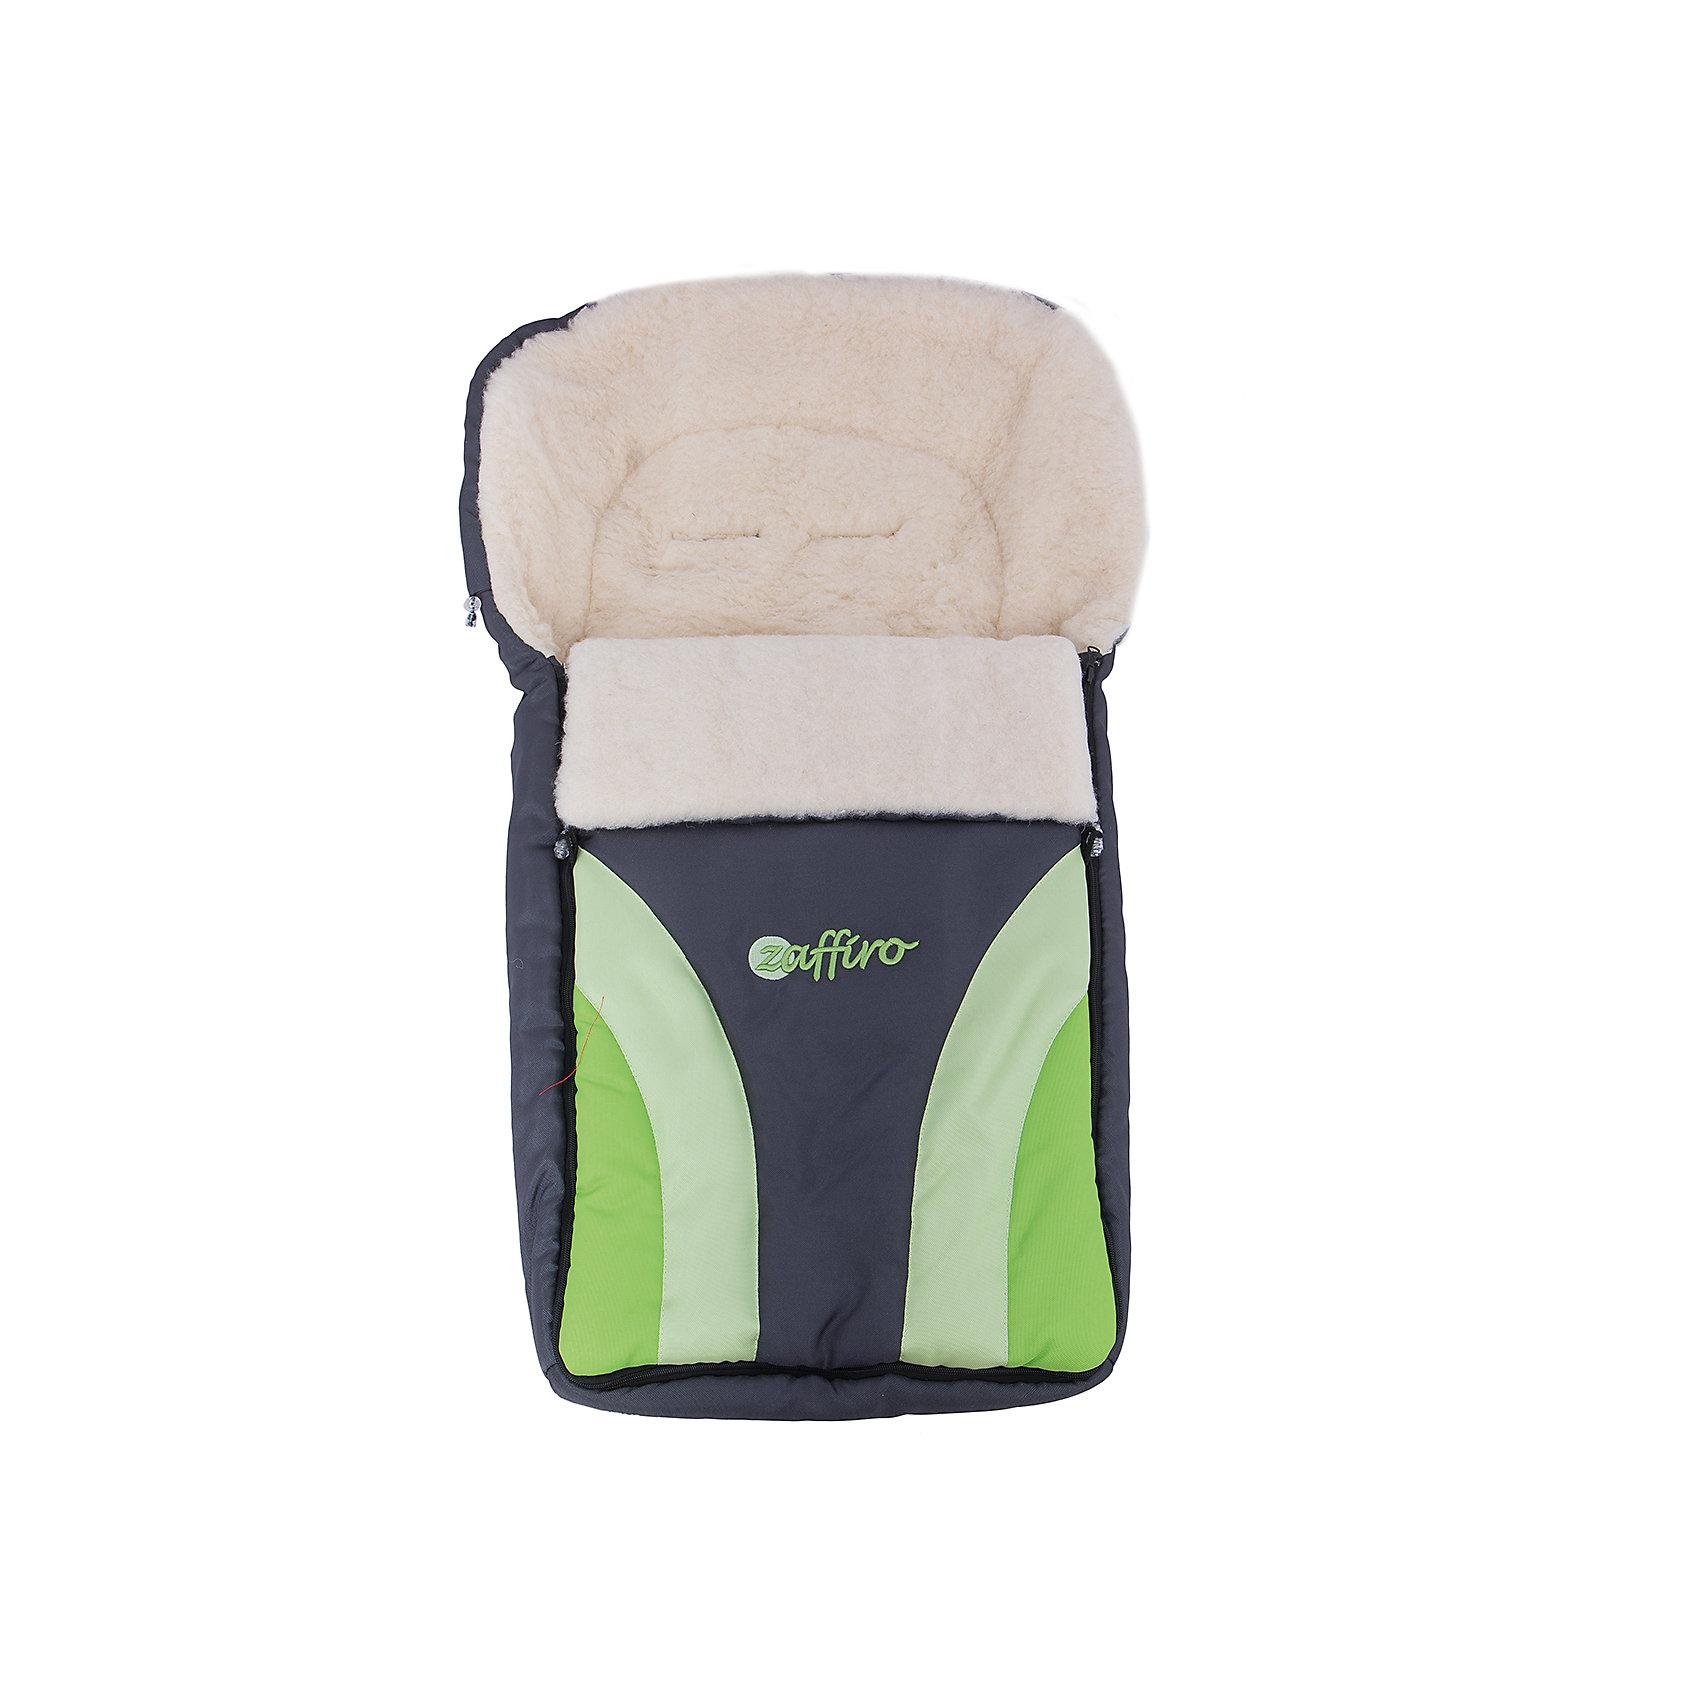 Конверт зимний Crocus №24, 95*50, шерсть, Womar, зеленыйЗимние конверты<br>Конверт зимний Crocus №24, 95*50, шерсть, Womar, зеленый – мягкая и нежная защита от холода и снега.<br>Внутри конверта мягкий мех, изготовленный из овчины. Этот материал не вызывает аллергии и безопасен для нежной кожи малыша. Верхняя часть непромокаемая, грязеотталкивающая и не продувается. Также ее можно отстегнуть. Сверху есть шнурок, который можно стянуть как капюшон. Конверт подходит к большинству колясок. Стирать при температуре 30 градусов, не отжимать и не гладить. Есть отверстия для пятиточечного ремня безопасности. <br><br>Дополнительная информация:<br><br>- материал: внутренняя часть – натуральная овечья шерсть, внешняя – 100% полиэстер<br>- размер: 95х50 см<br>- цвет: зеленый<br><br>Конверт зимний Crocus №24, 95*50, шерсть, Womar, зеленый можно купить в нашем интернет магазине.<br><br>Ширина мм: 950<br>Глубина мм: 500<br>Высота мм: 100<br>Вес г: 500<br>Возраст от месяцев: 0<br>Возраст до месяцев: 12<br>Пол: Унисекс<br>Возраст: Детский<br>SKU: 4981791